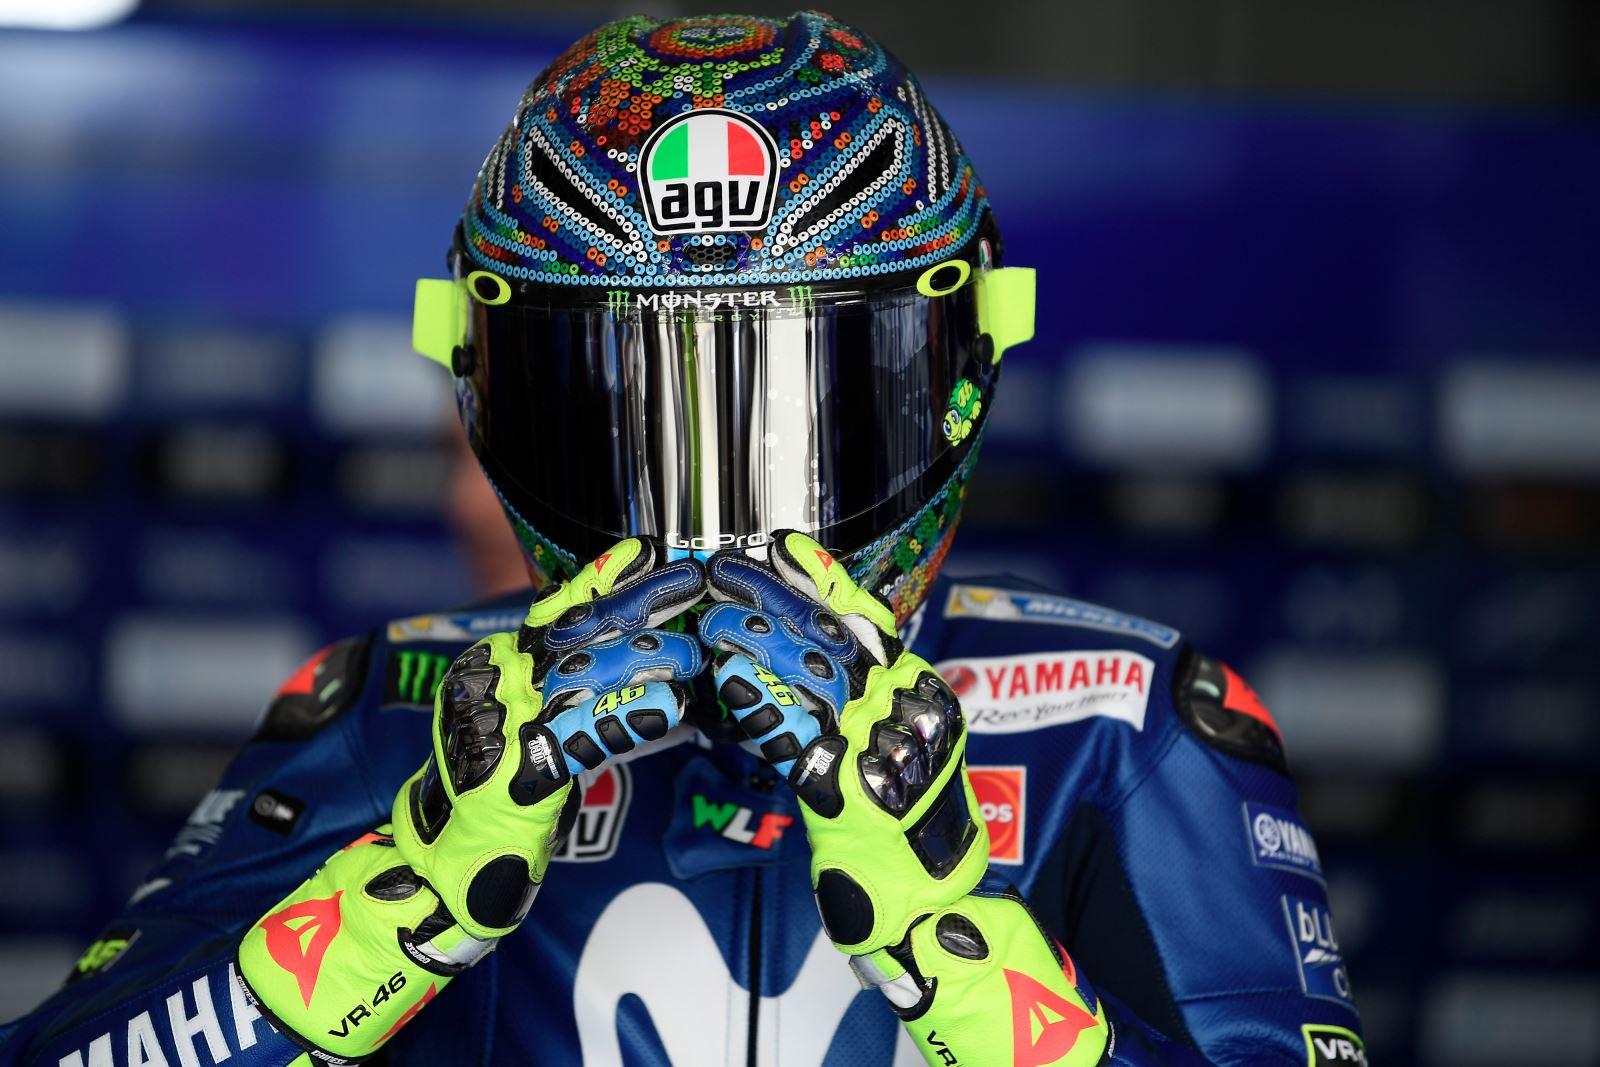 MotoGP 2018 Sezonunda Ne Olacak? 5. İçerik Fotoğrafı